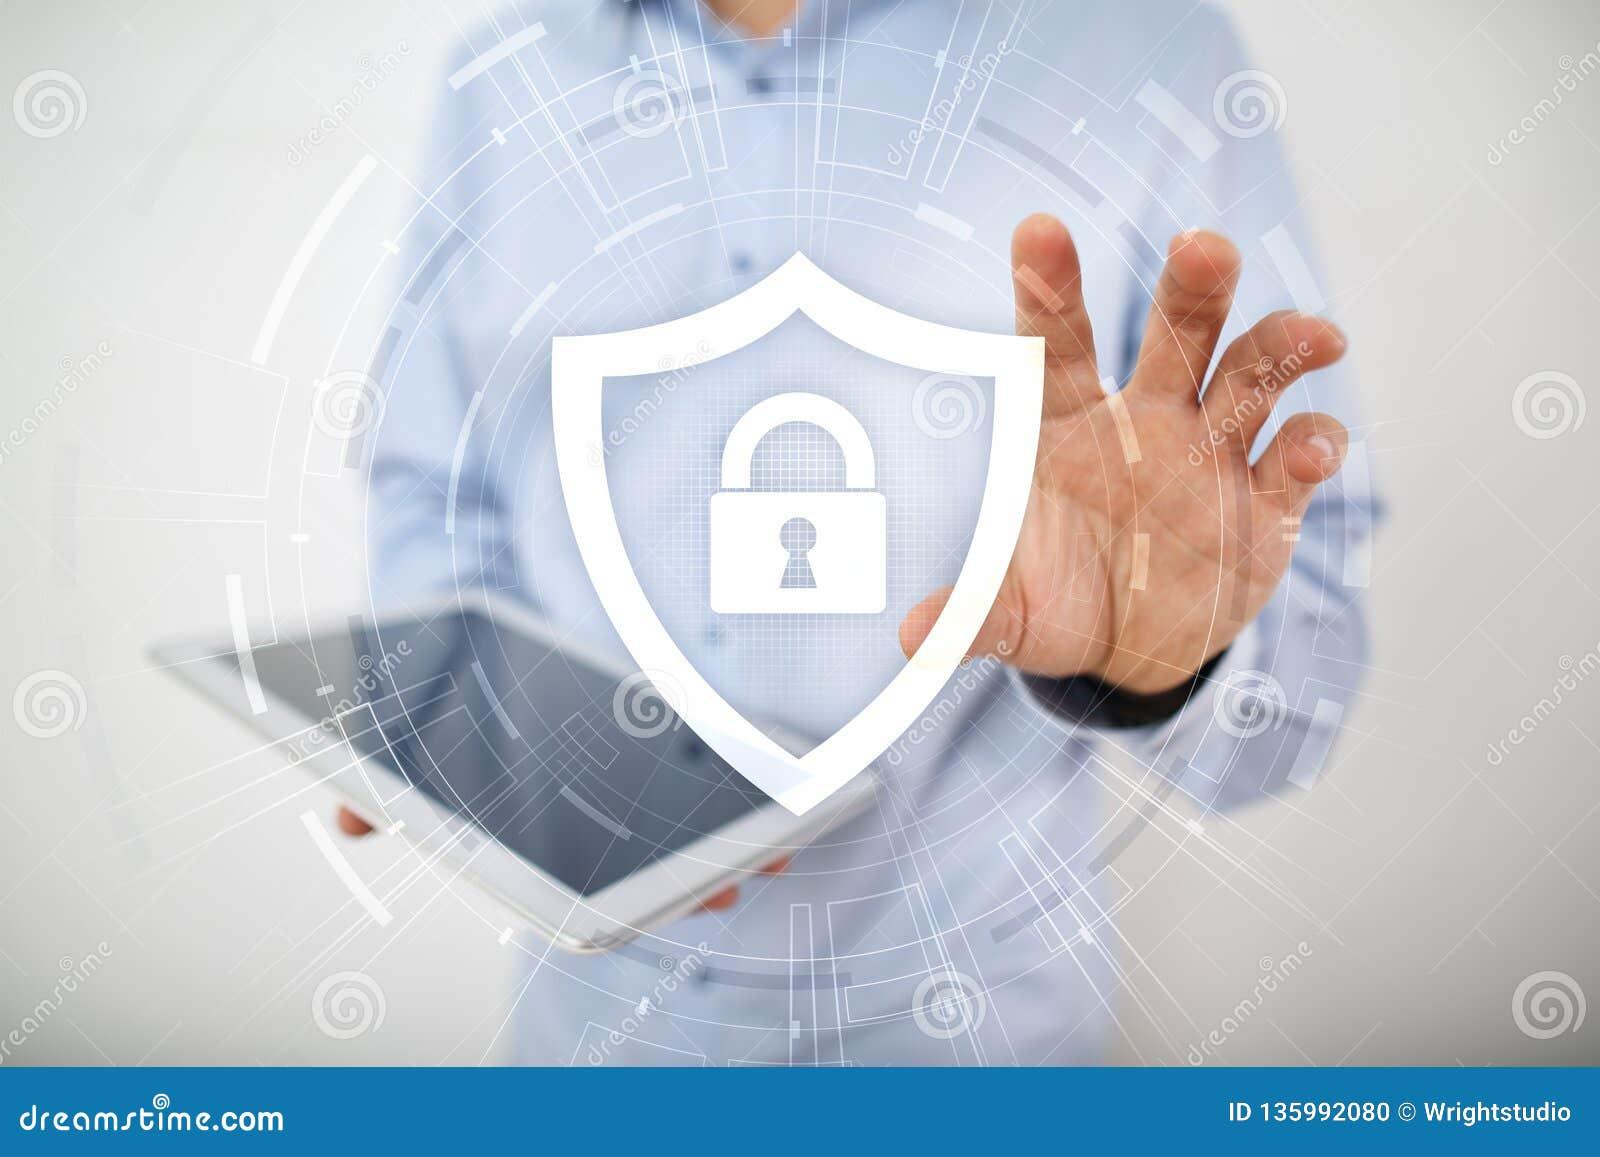 Protezione dei dati, sicurezza cyber e concetto di segretezza